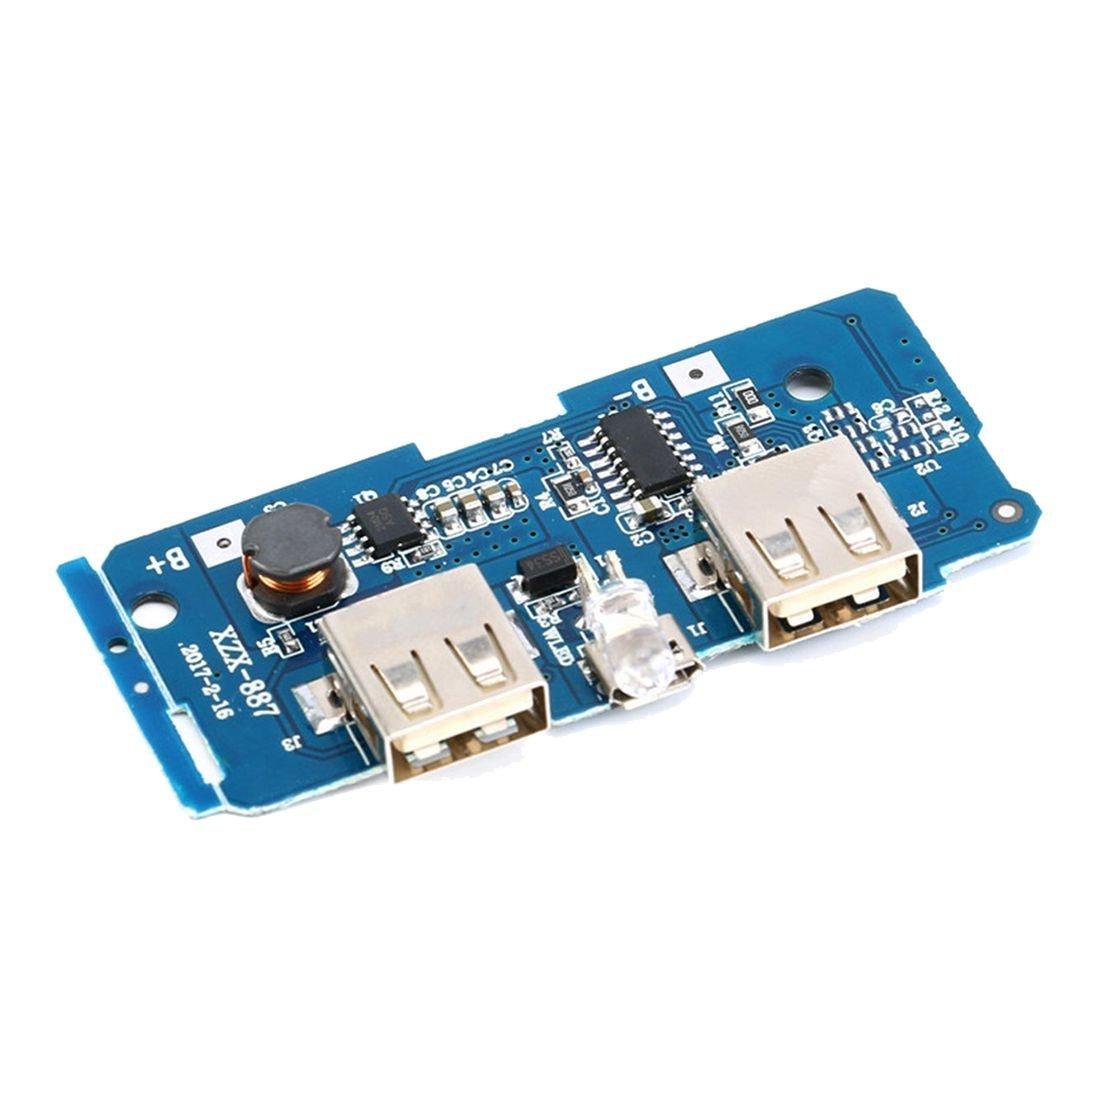 18650 電池 3.7V 轉 5V2A 升壓模組 DIY 行動電源模組 雙 USB 輸出